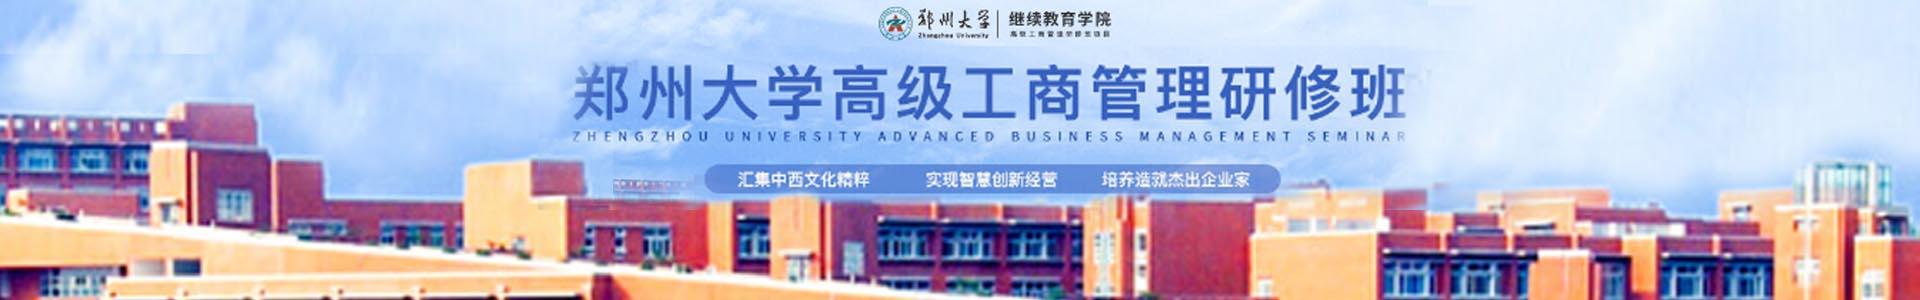 鄭州大學總裁班